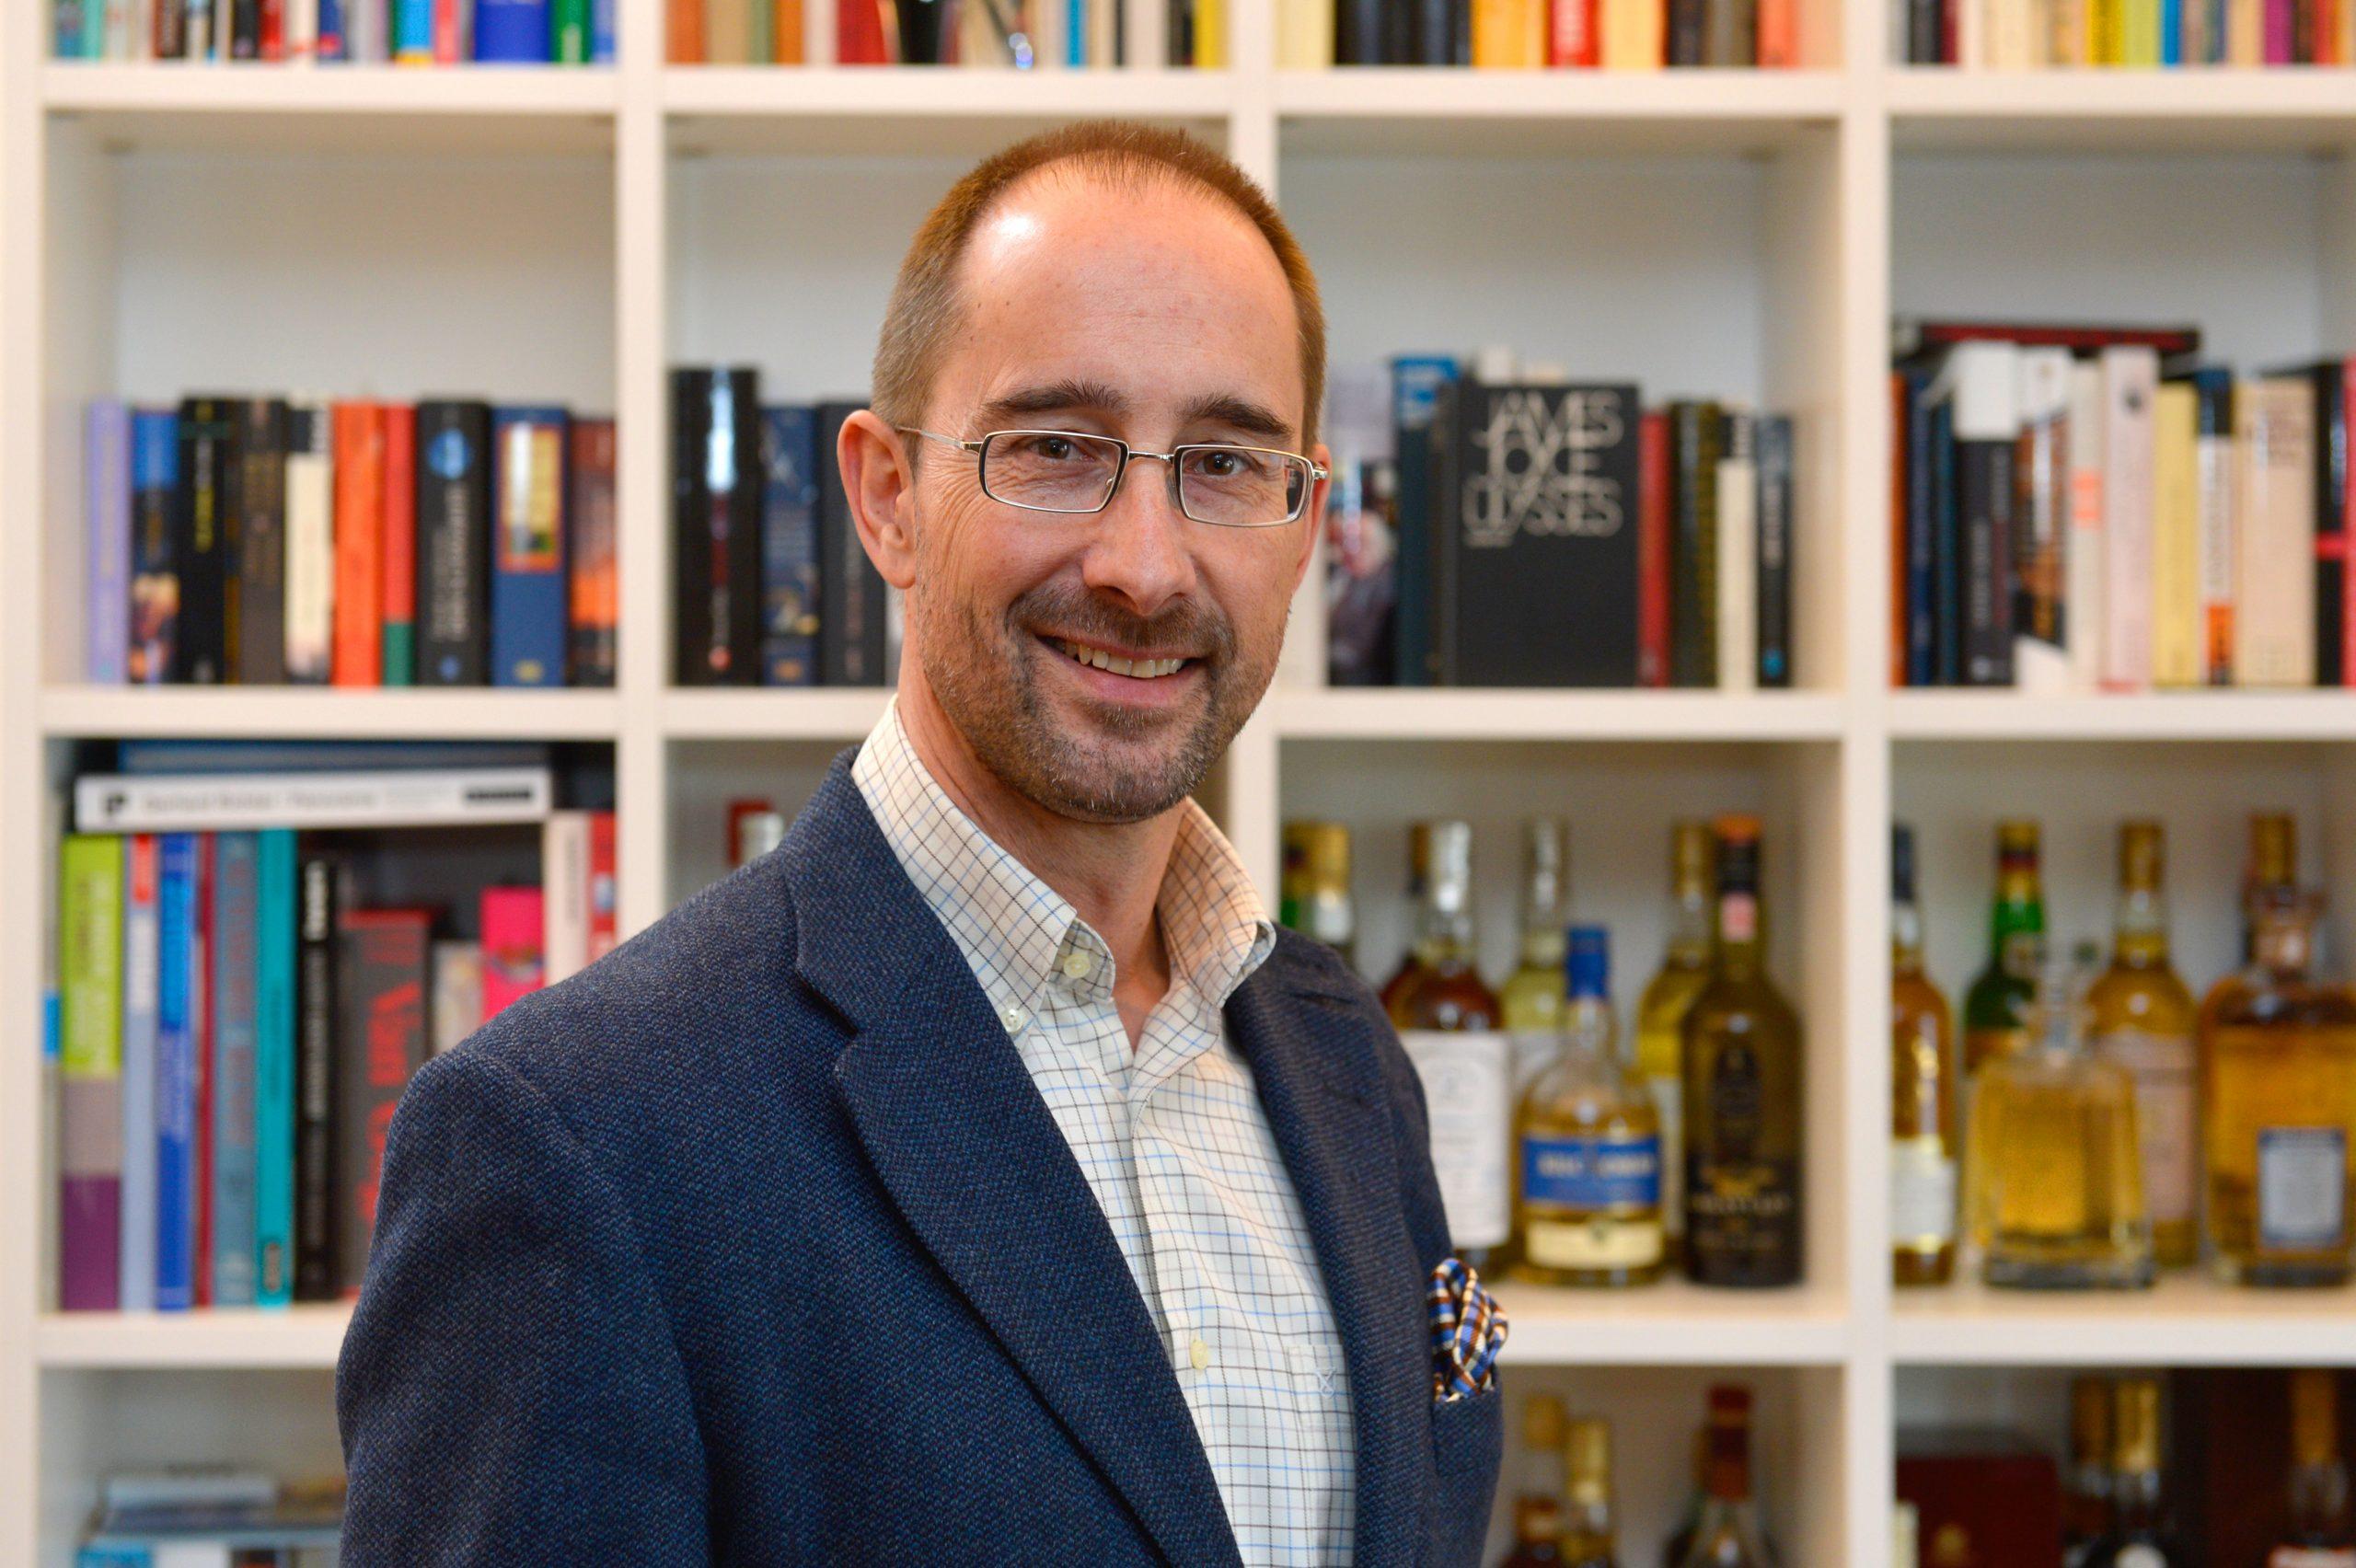 Der britische Lebensstil: TWEED-Chefredakteur Hans Joachim Wieland im Interview